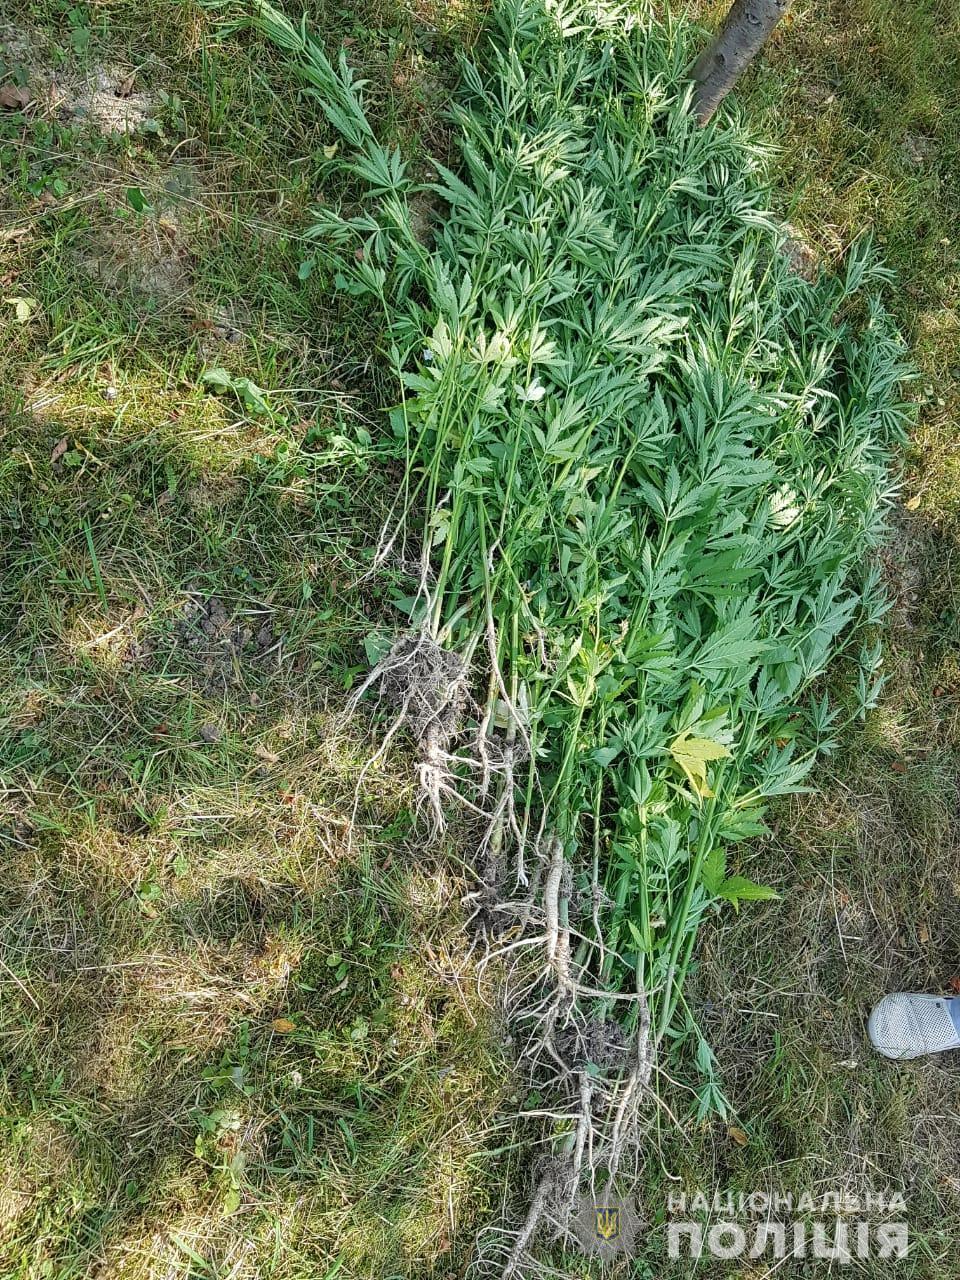 Днями у рамках операції «Мак», яка триває на території всієї України, поліцейські Рахівщини виявили незаконний посів нарковмісних рослин коноплі.